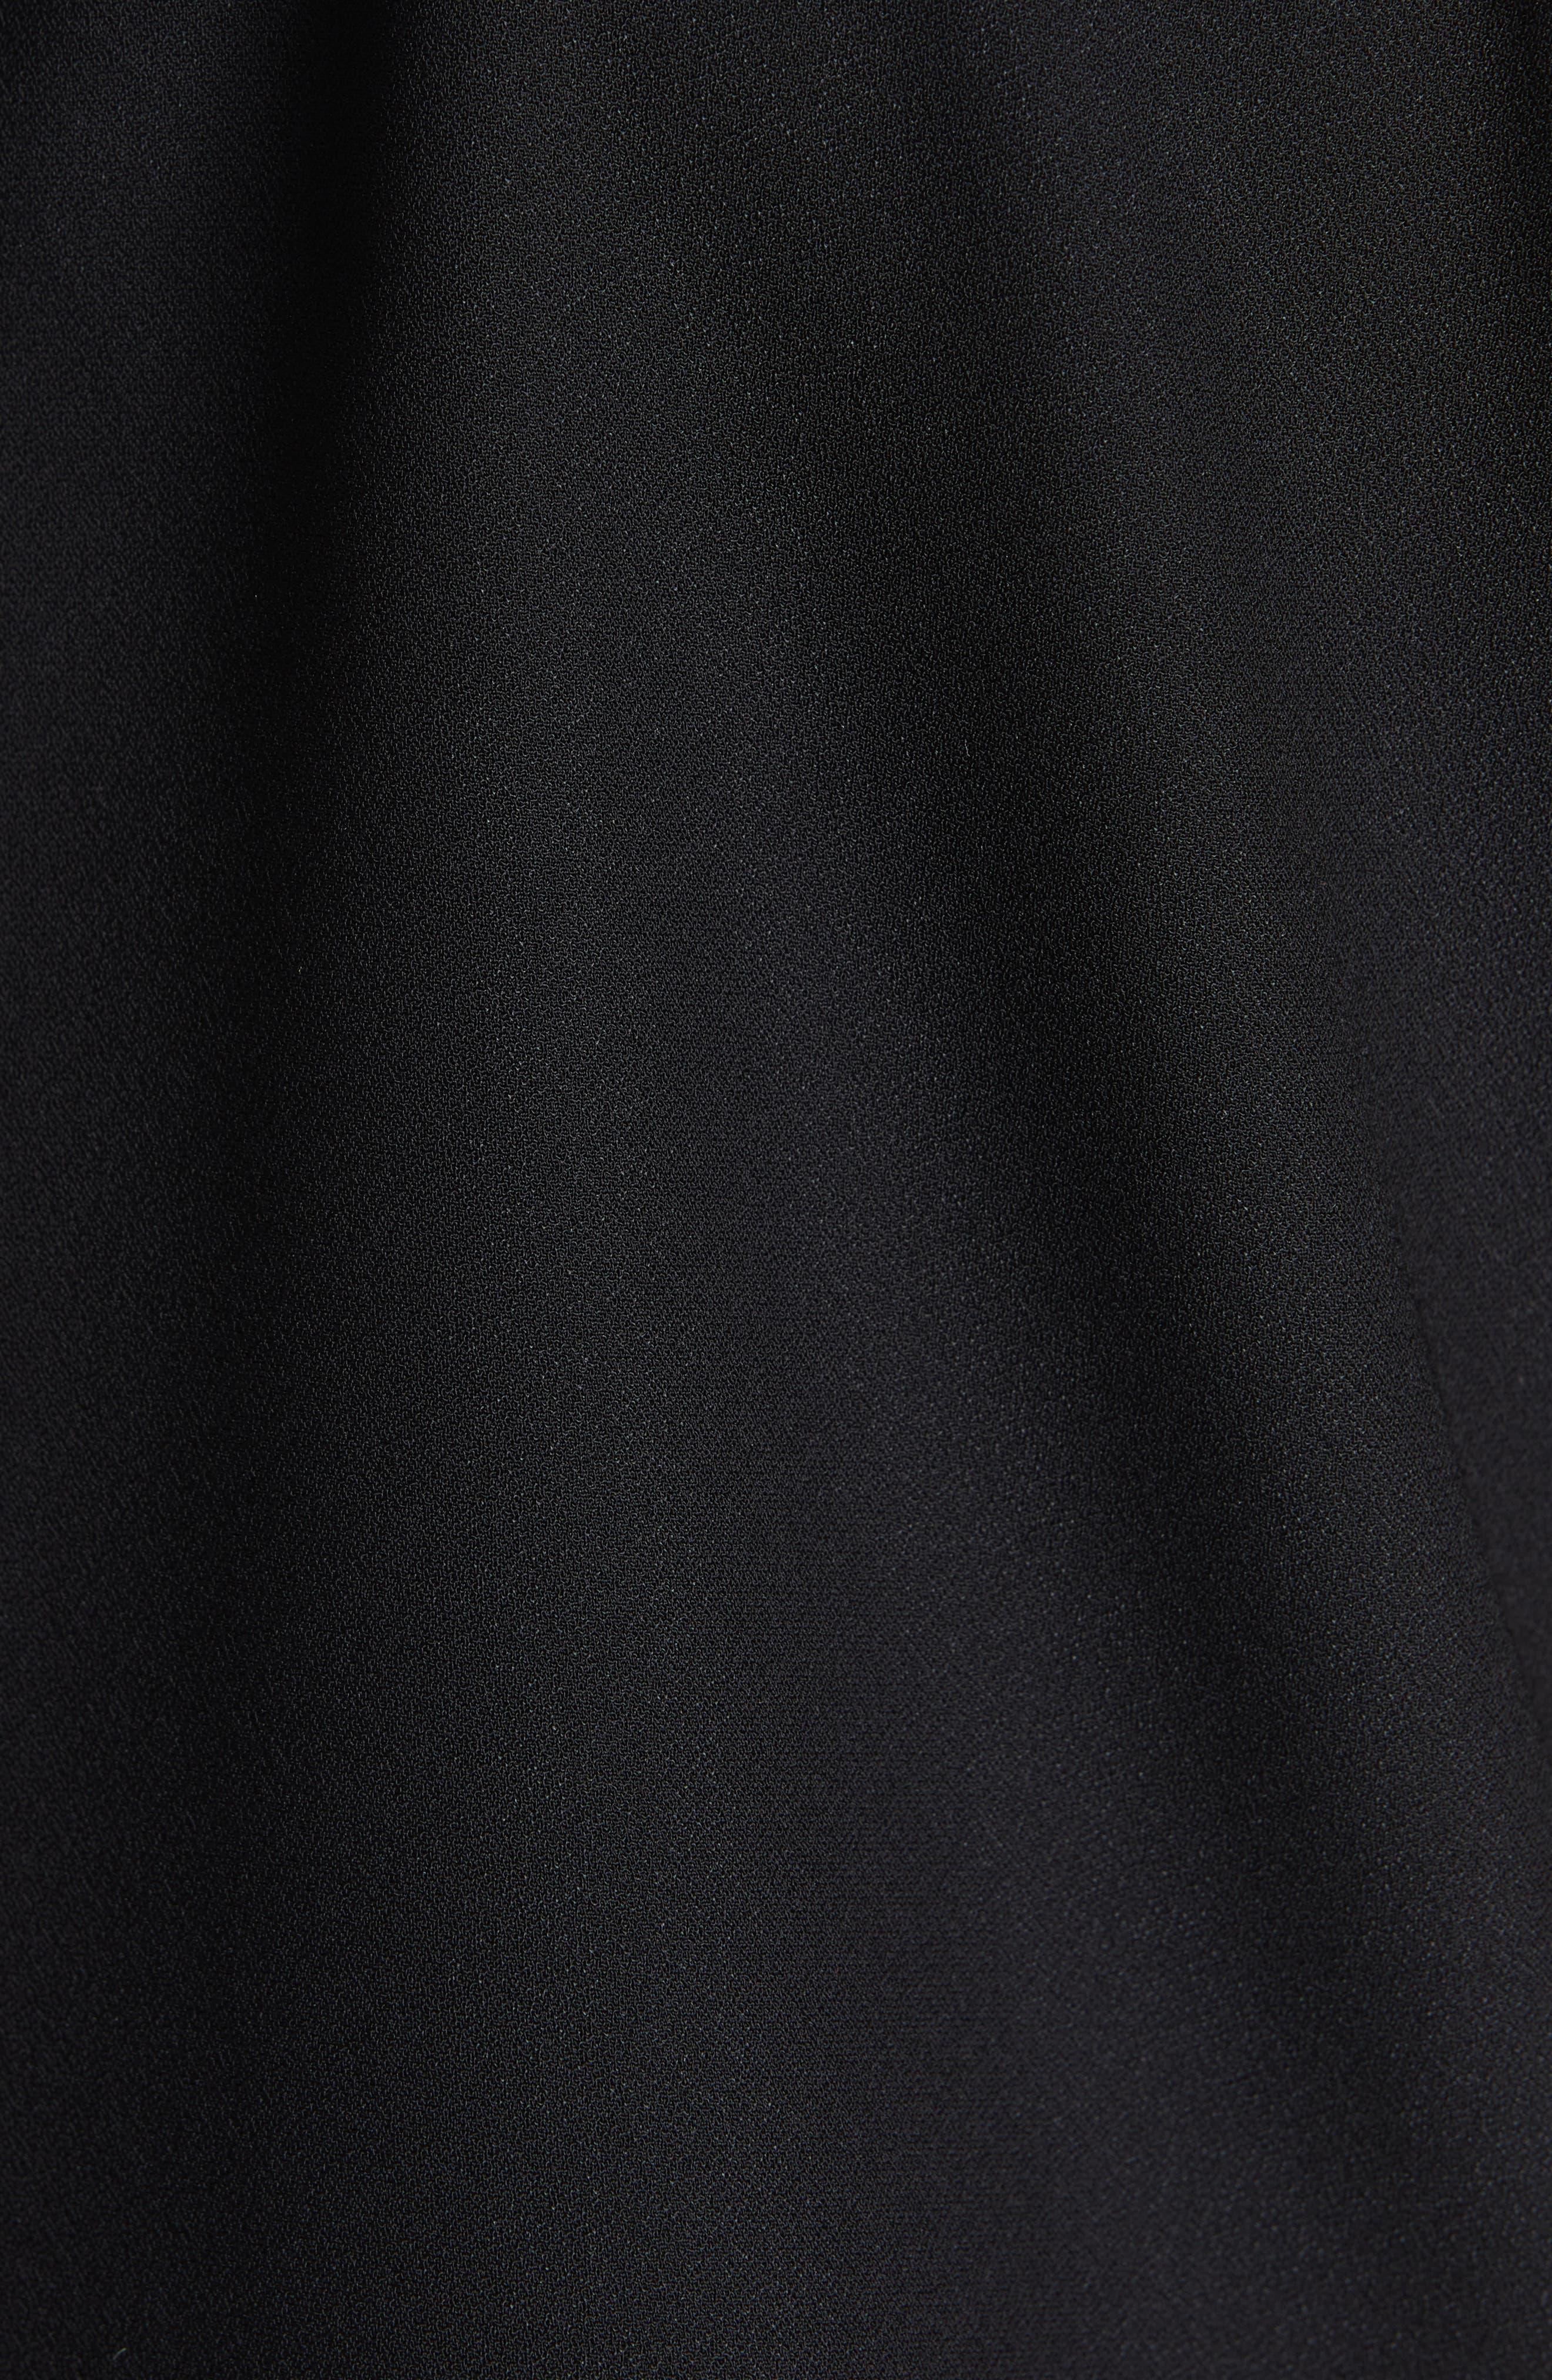 Jaylen Embellished Collar Top,                             Alternate thumbnail 5, color,                             BLACK